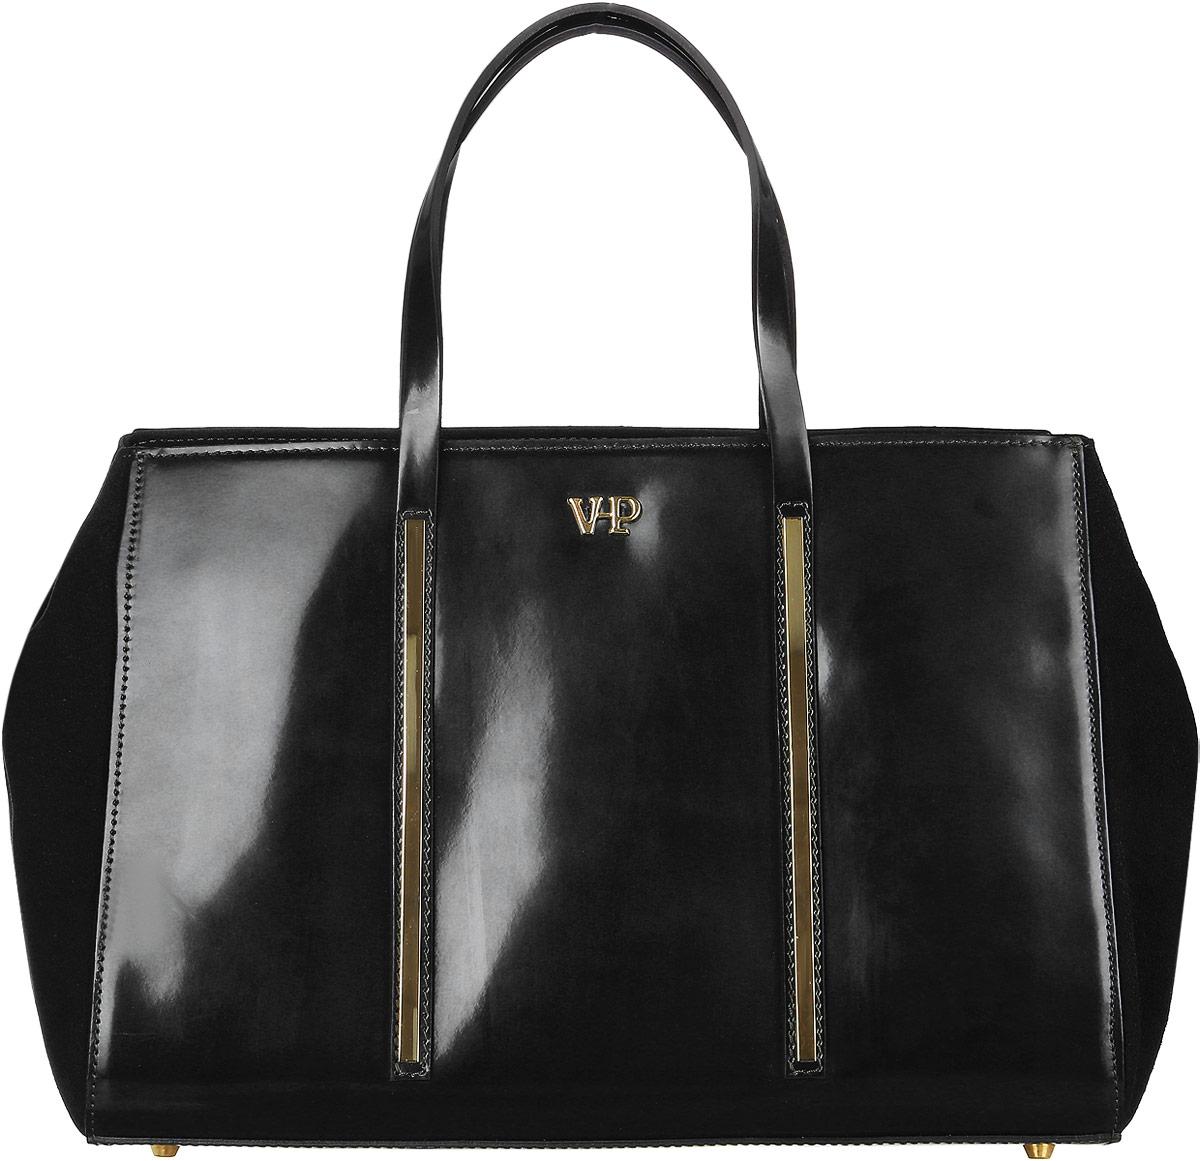 Сумка женская Vita Pelle, цвет: черный. 9VVP5129VVP512Стильная женская сумка Vita Pelle изготовлена из натуральной кожи. Изделие имеет одно вместительное отделение. Внутри расположены один открытый карман и два кармана на застежке-молнии. Закрывается изделие на застежку-молнию. Сумка оснащена наплечным ремнем регулируемым по длине. Изделие украшено металлической пластиной с названием бренда. Дно модели дополнено металлическими ножками.